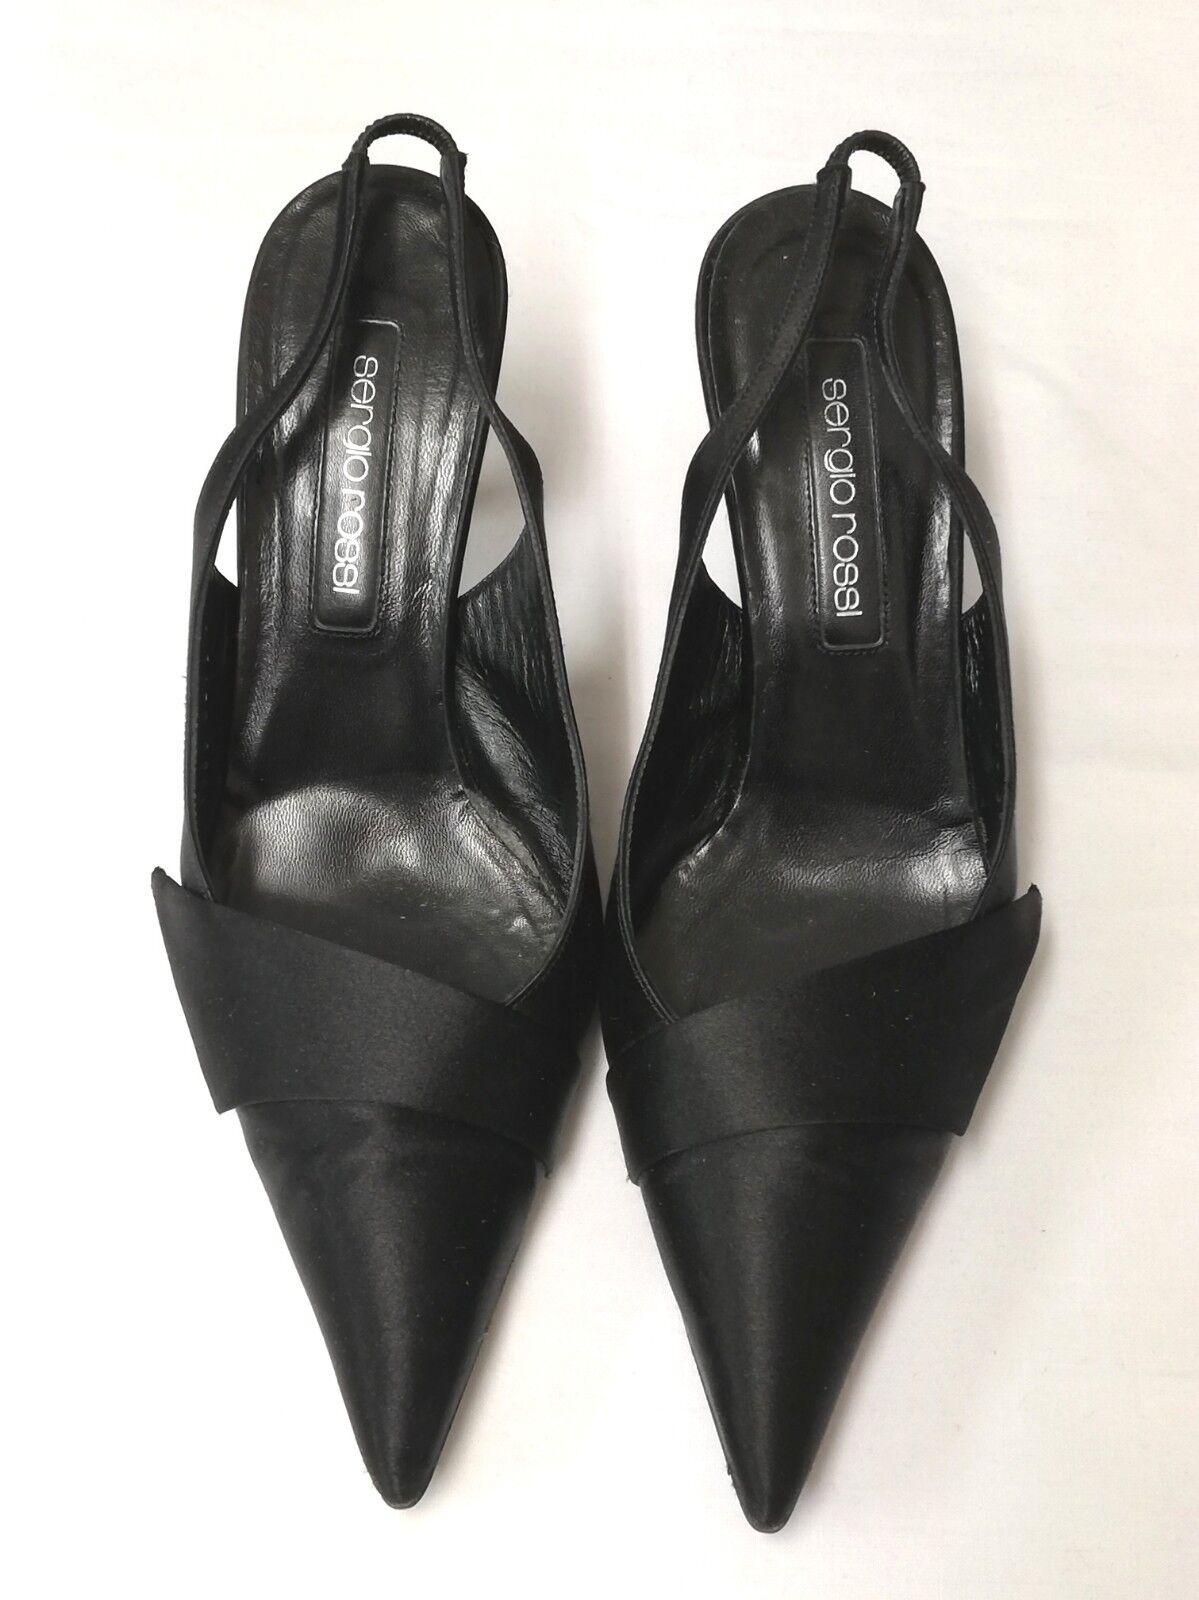 fabbrica diretta SERGIO ROSSI Tacco Alto Raso Nero scarpe POMPE talloni talloni talloni Sling Back 6EU  online economico